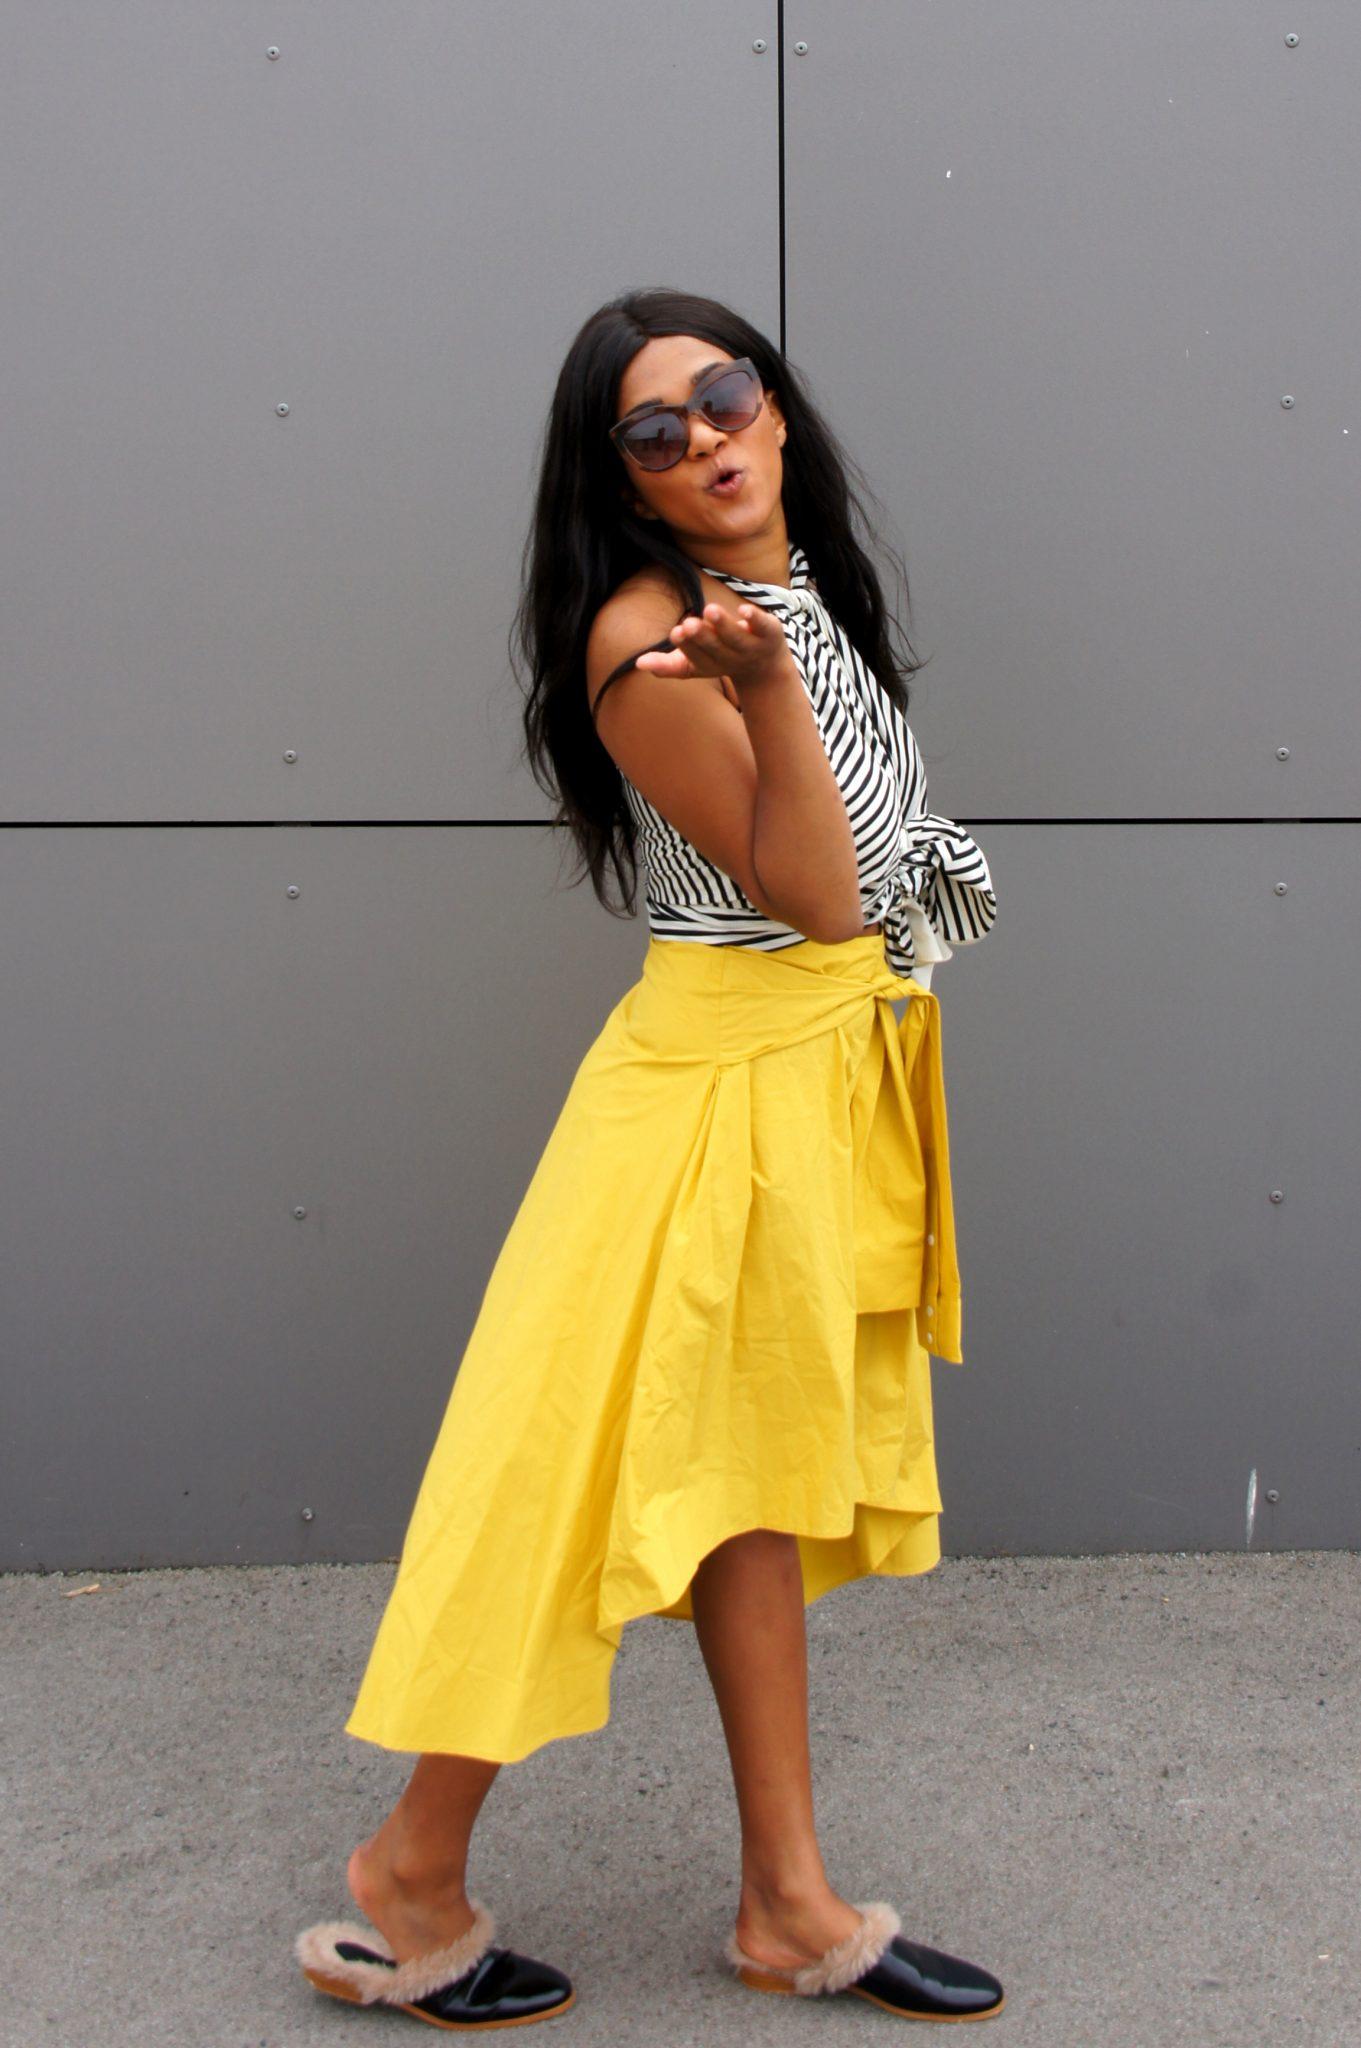 Colourful Spring Outfit Pantone 2021 PANTONE 17-5104 Ultimate Gray + PANTONE 13-0647